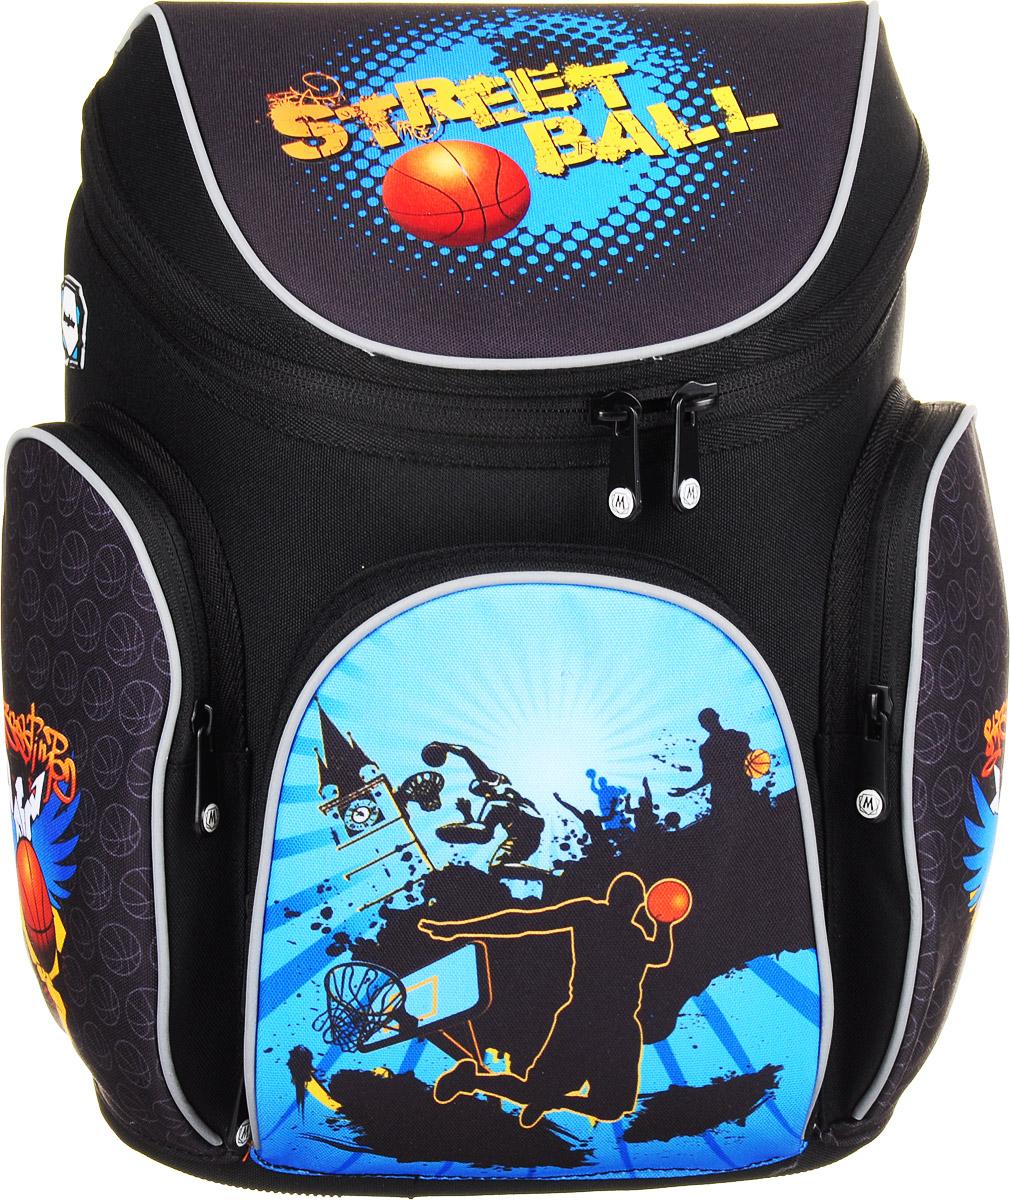 MagTaller Ранец школьный Boxi Street Ball20616-09Школьный ранец MagTaller Boxi Street Ball выполнен из прочных и износостойких материалов: нейлона и полиэстера. Ранец имеет одно основное отделение, закрывающееся клапаном на молнию с двумя бегунками. Клапан полностью откидывается, что существенно облегчает пользование ранцем. На внутренней части клапана находится прозрачный пластиковый кармашек, в который можно поместить данные о владельце ранца и расписание уроков. Внутри отделения расположены две мягкие перегородки для тетрадей или учебников. На лицевой стороне ранца расположен накладной карман на застежке-молнии. Внутри кармана находятся два открытых кармана, карман-сетка и отделения для пишущих принадлежностей. По бокам ранца размещены два накладных кармана на молнии. Ортопедическая спинка, созданная по специальной технологии из дышащего материала, равномерно распределяет нагрузку на плечевые суставы и спину. В нижней части спинки расположен поясничный упор - небольшой валик, на который при правильном ношении ранца...